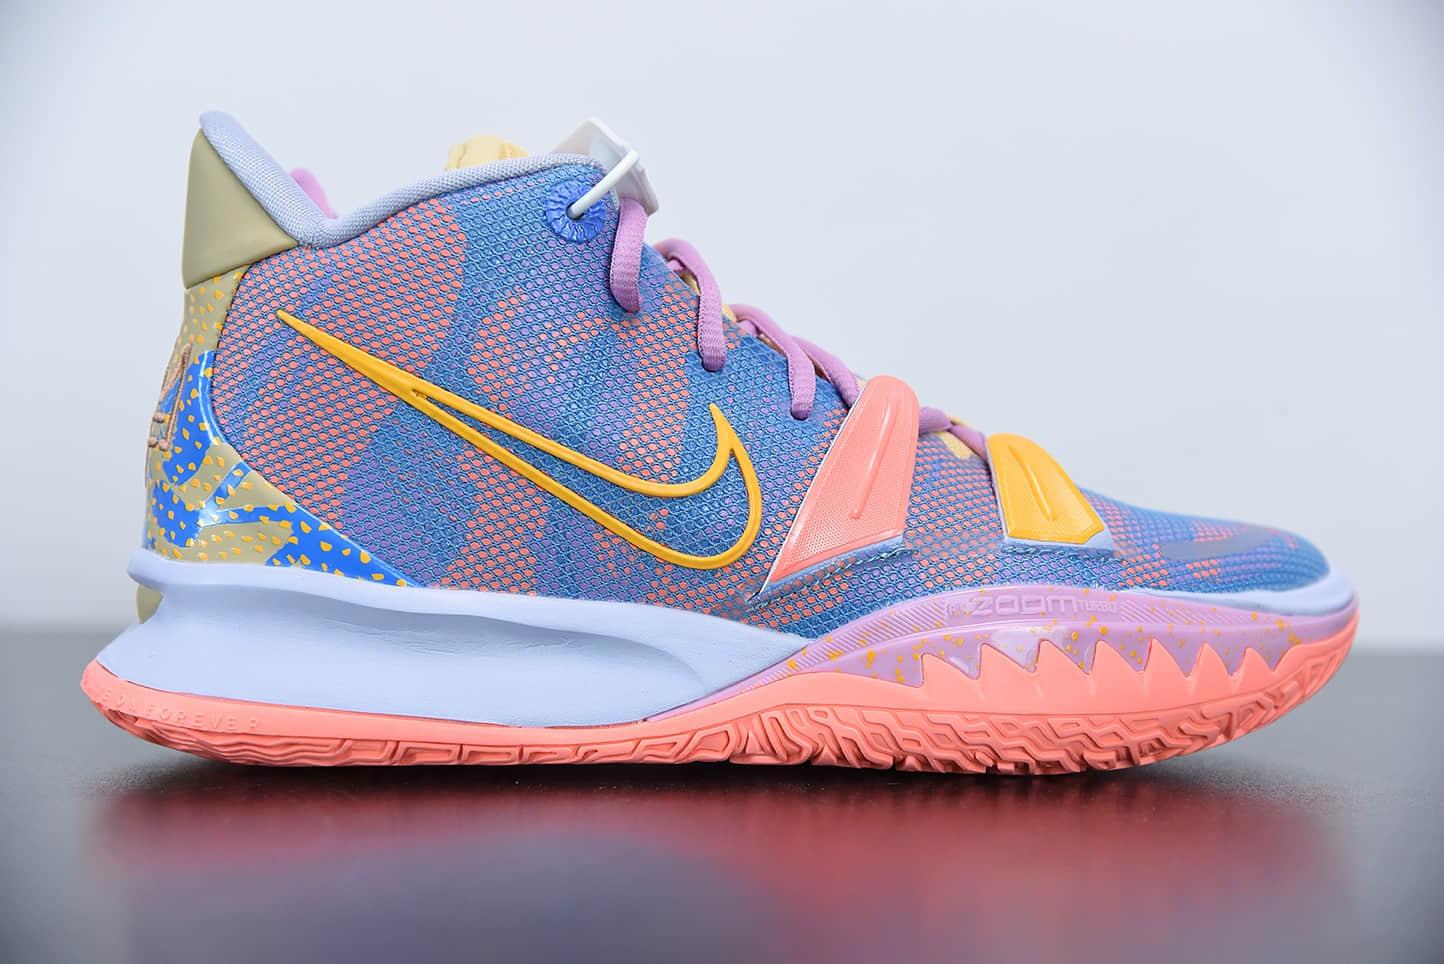 欧文Nike Kyrie 7 EXPRESSIONS 蓝粉艺术主题限定篮球鞋纯原版本 货号:DC0589-003